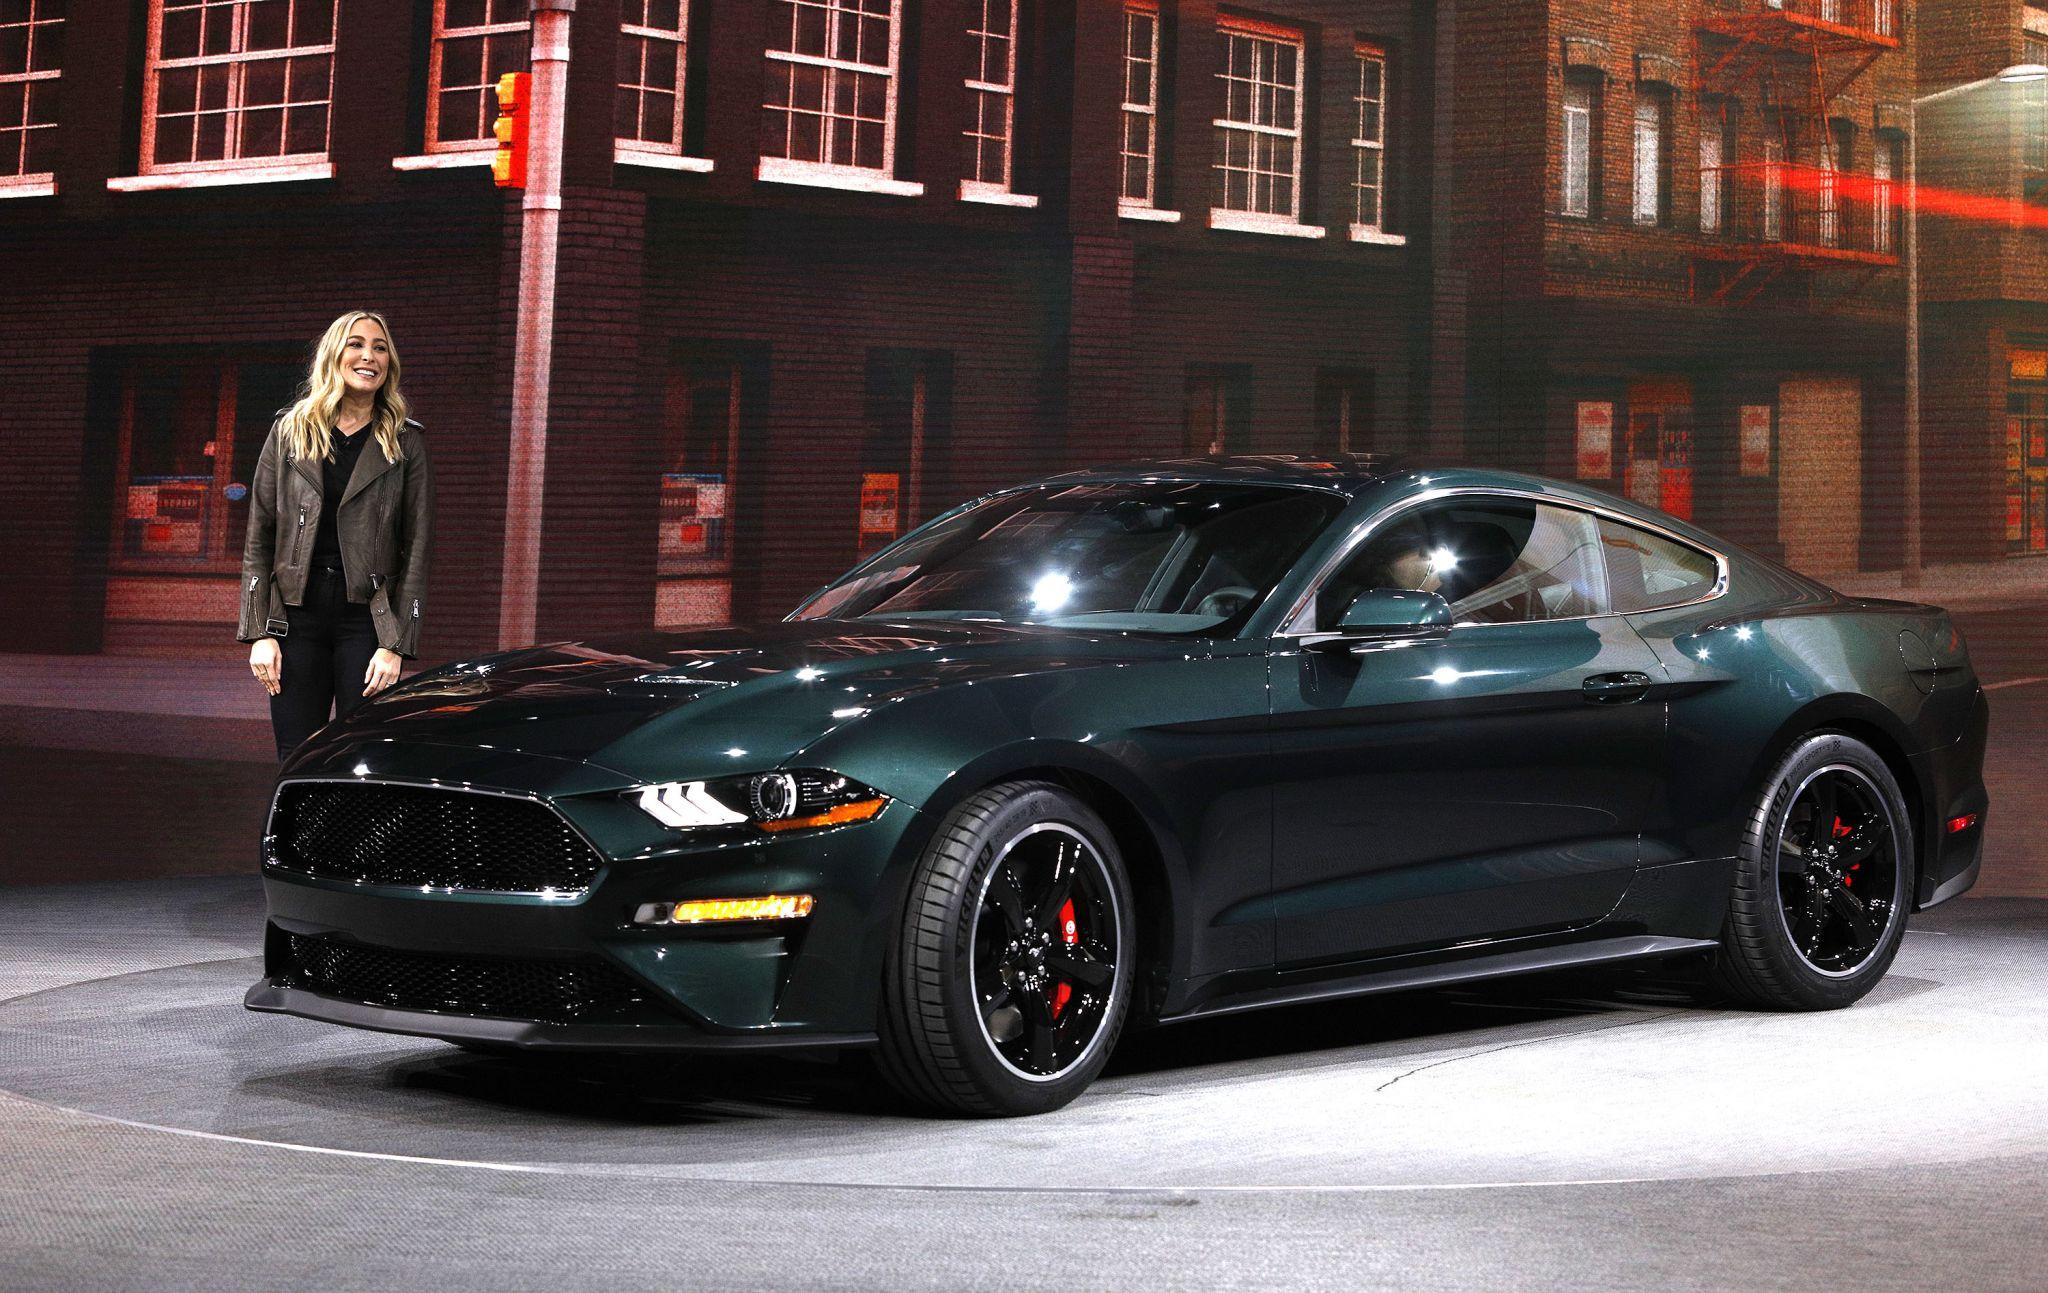 Ford unveils 2019 Mustang Bullitt, inspired by Steve McQueen film